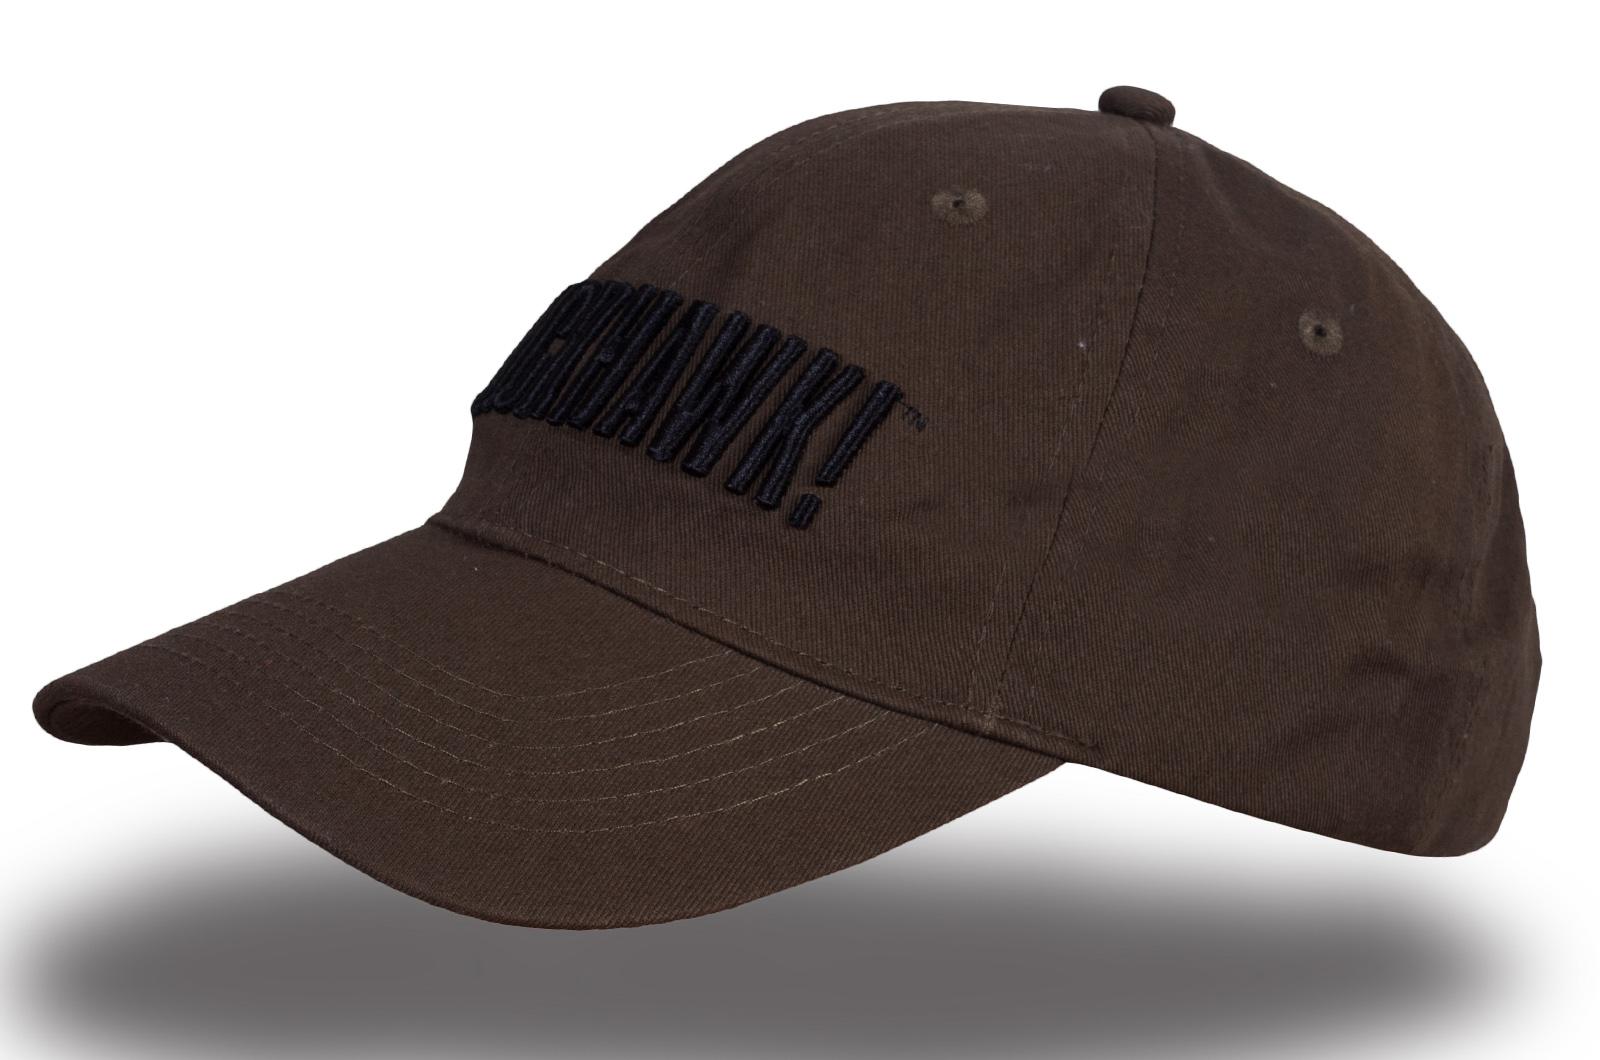 Кепка защитная Blackhawk - купить в интернет-магазине с доставкой